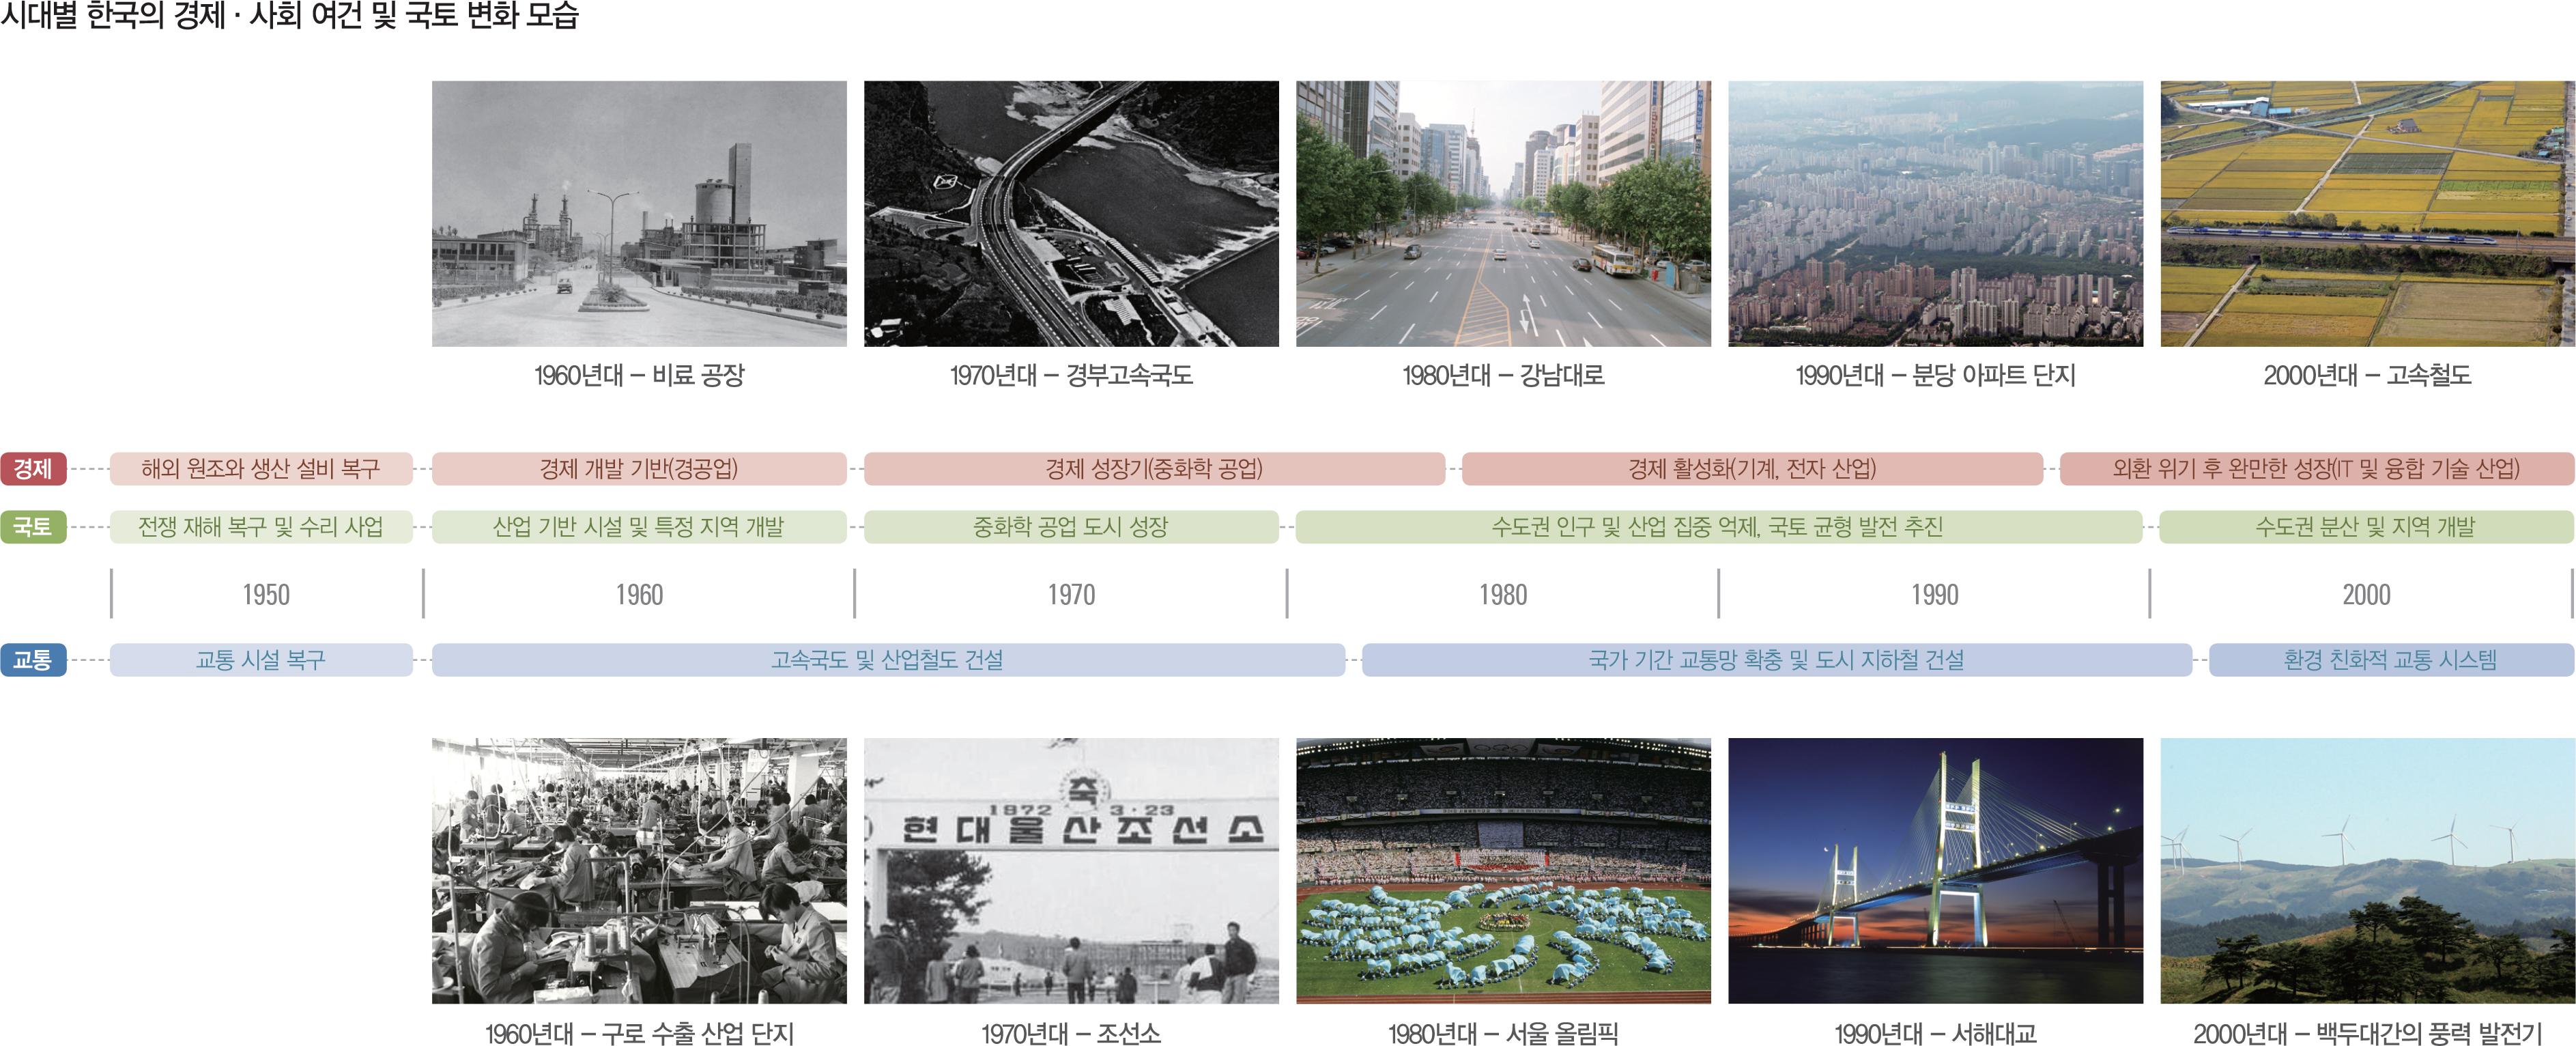 시대별 한국의 경제·사회 여건 및 국토 변화 모습